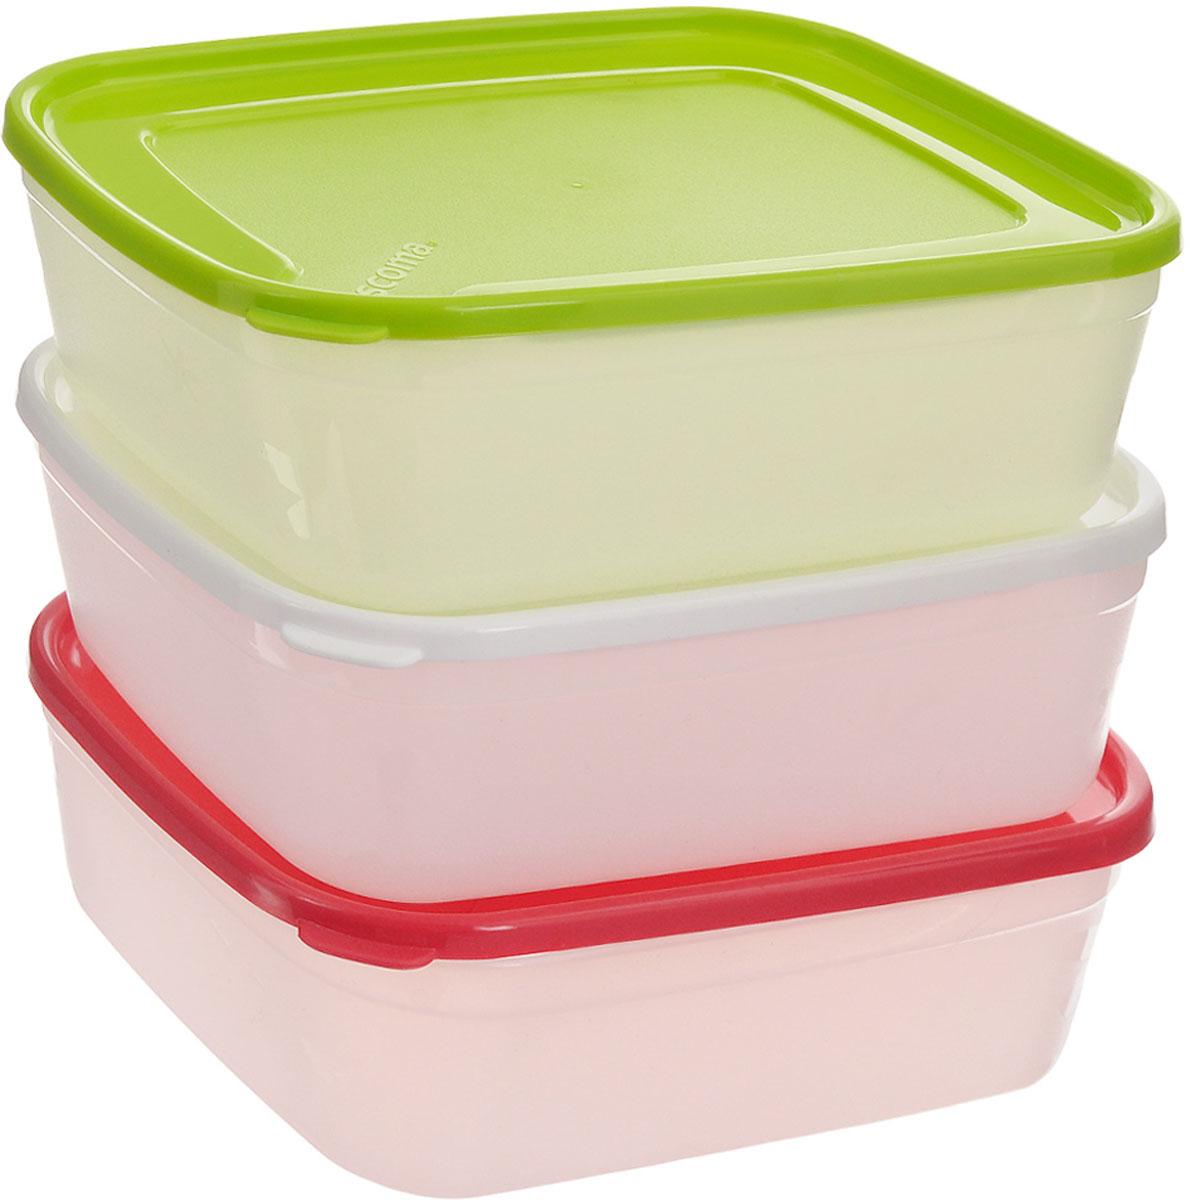 Набор контейнеров для заморозки Tescoma Purity, 1 л, 3 штVT-1520(SR)Набор Tescoma Purity, выполненный из высококачественного пищевого пластика, состоит из трех контейнеров с плотно закрывающимися цветными крышками. Изделия отлично подходят для хранения продуктов в морозильной камере или холодильнике. Контейнеры удобно складываются друг в друга, что экономит пространство при хранении в шкафу.Пригодны для морозильников, холодильников, микроволновых печей. При использовании в микроволновой печи всегда оставляйте крышку приоткрытой. Можно мыть в посудомоечной машине. Объем контейнера: 1 л.Размер контейнера (без учета крышки): 17 х 13 х 6,7 см.